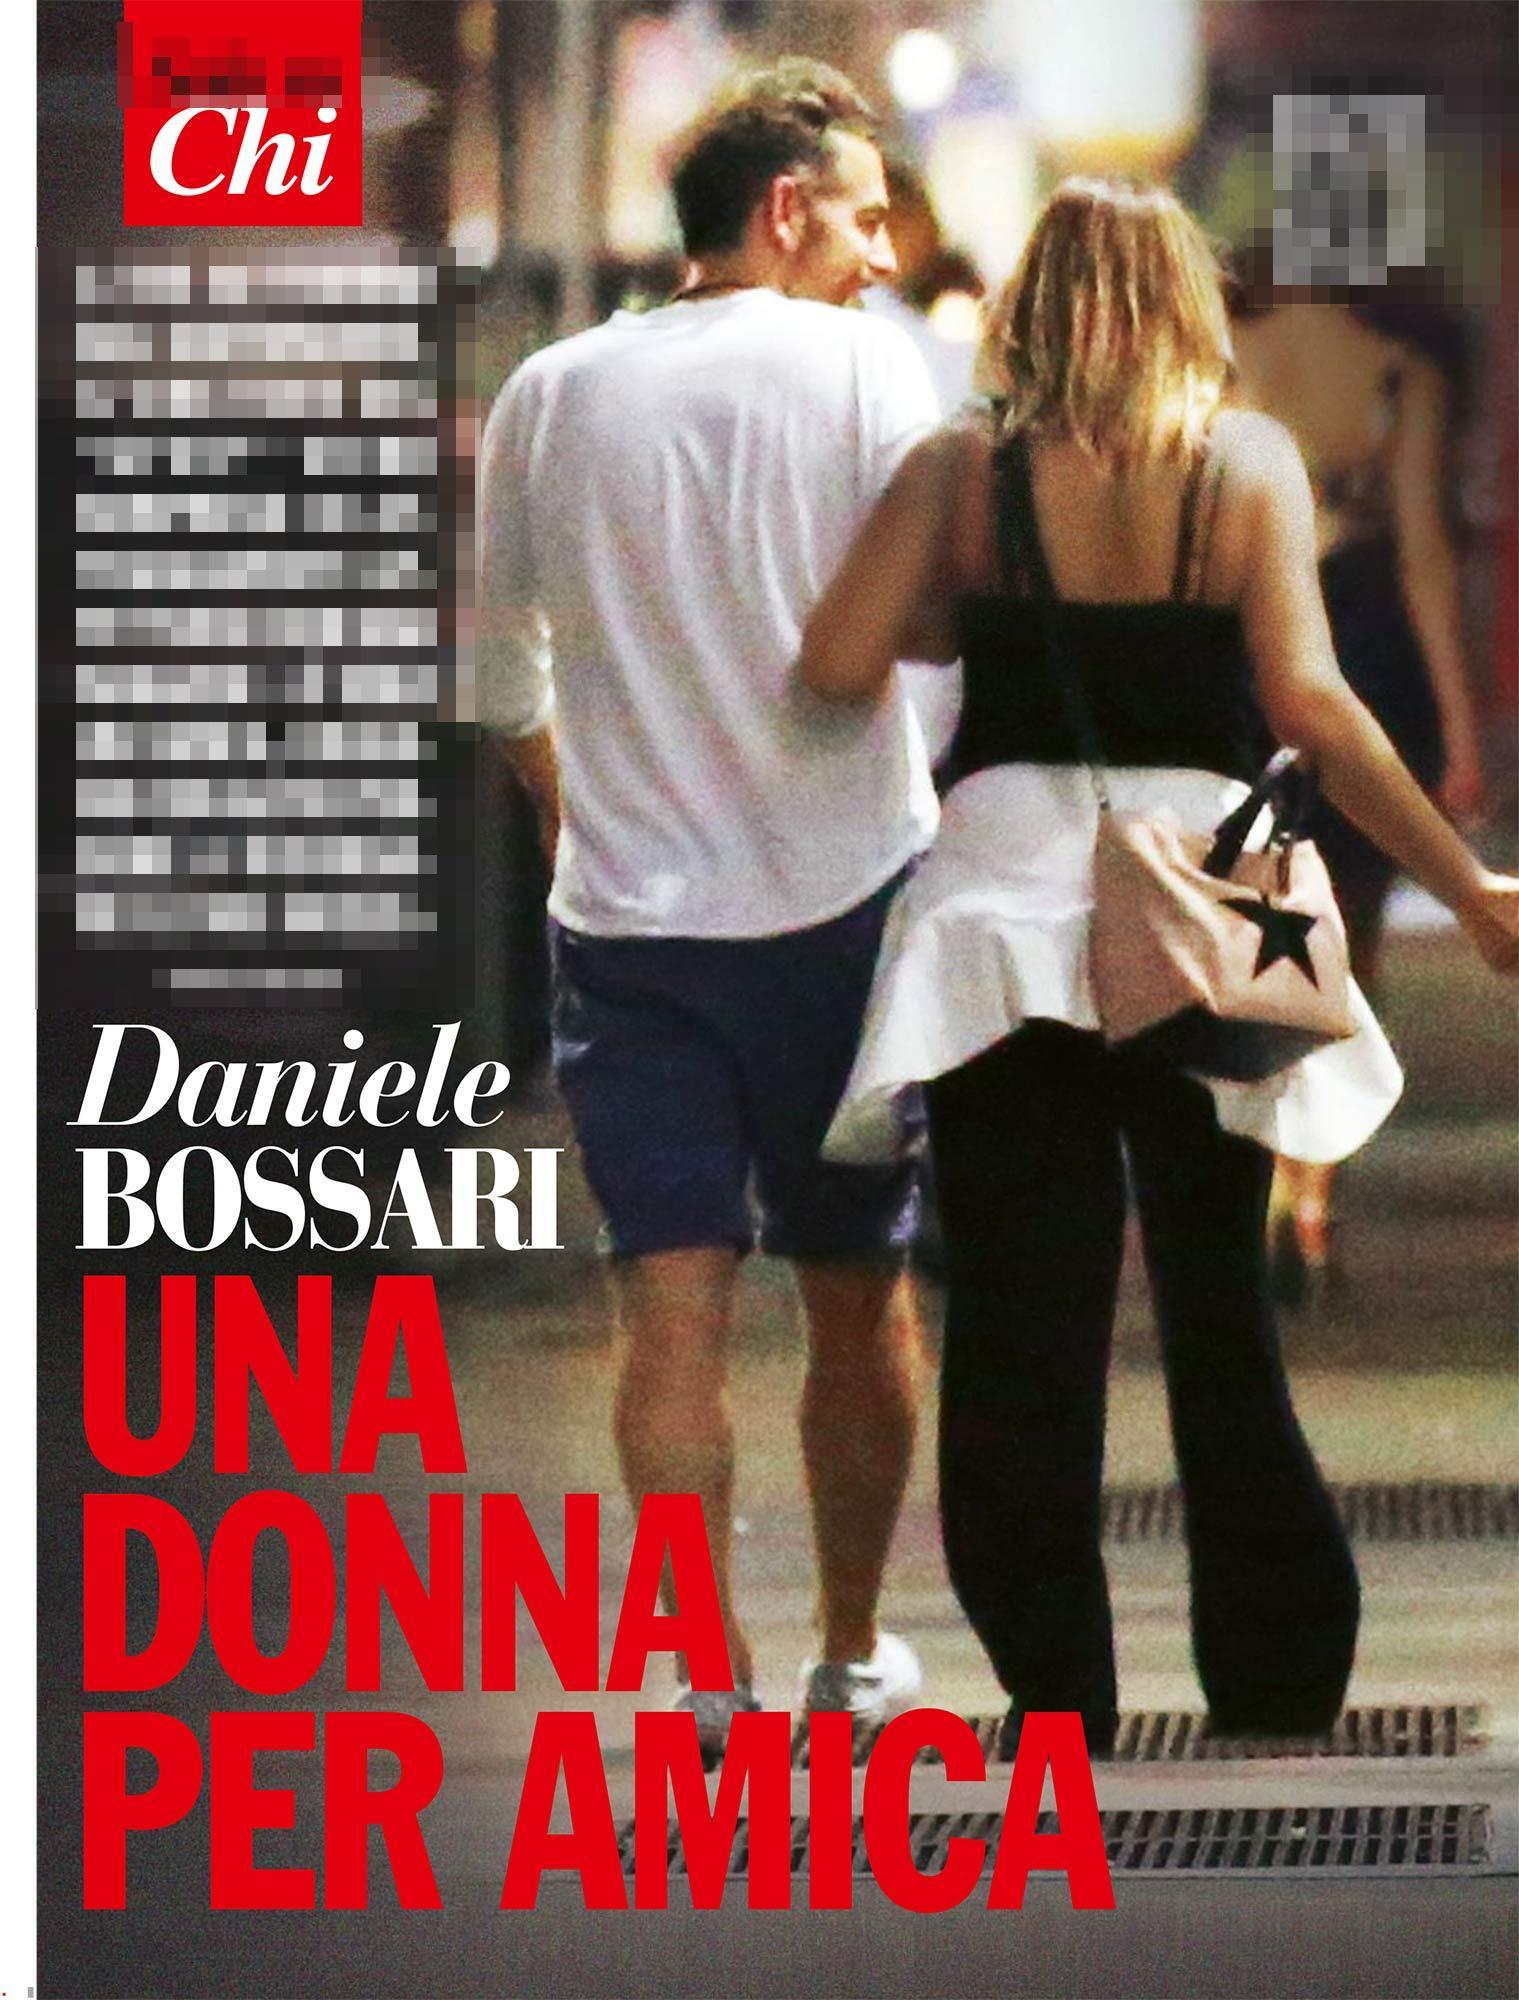 Daniele Bossari bacia una ragazza misteriosa:  E  solo un amica